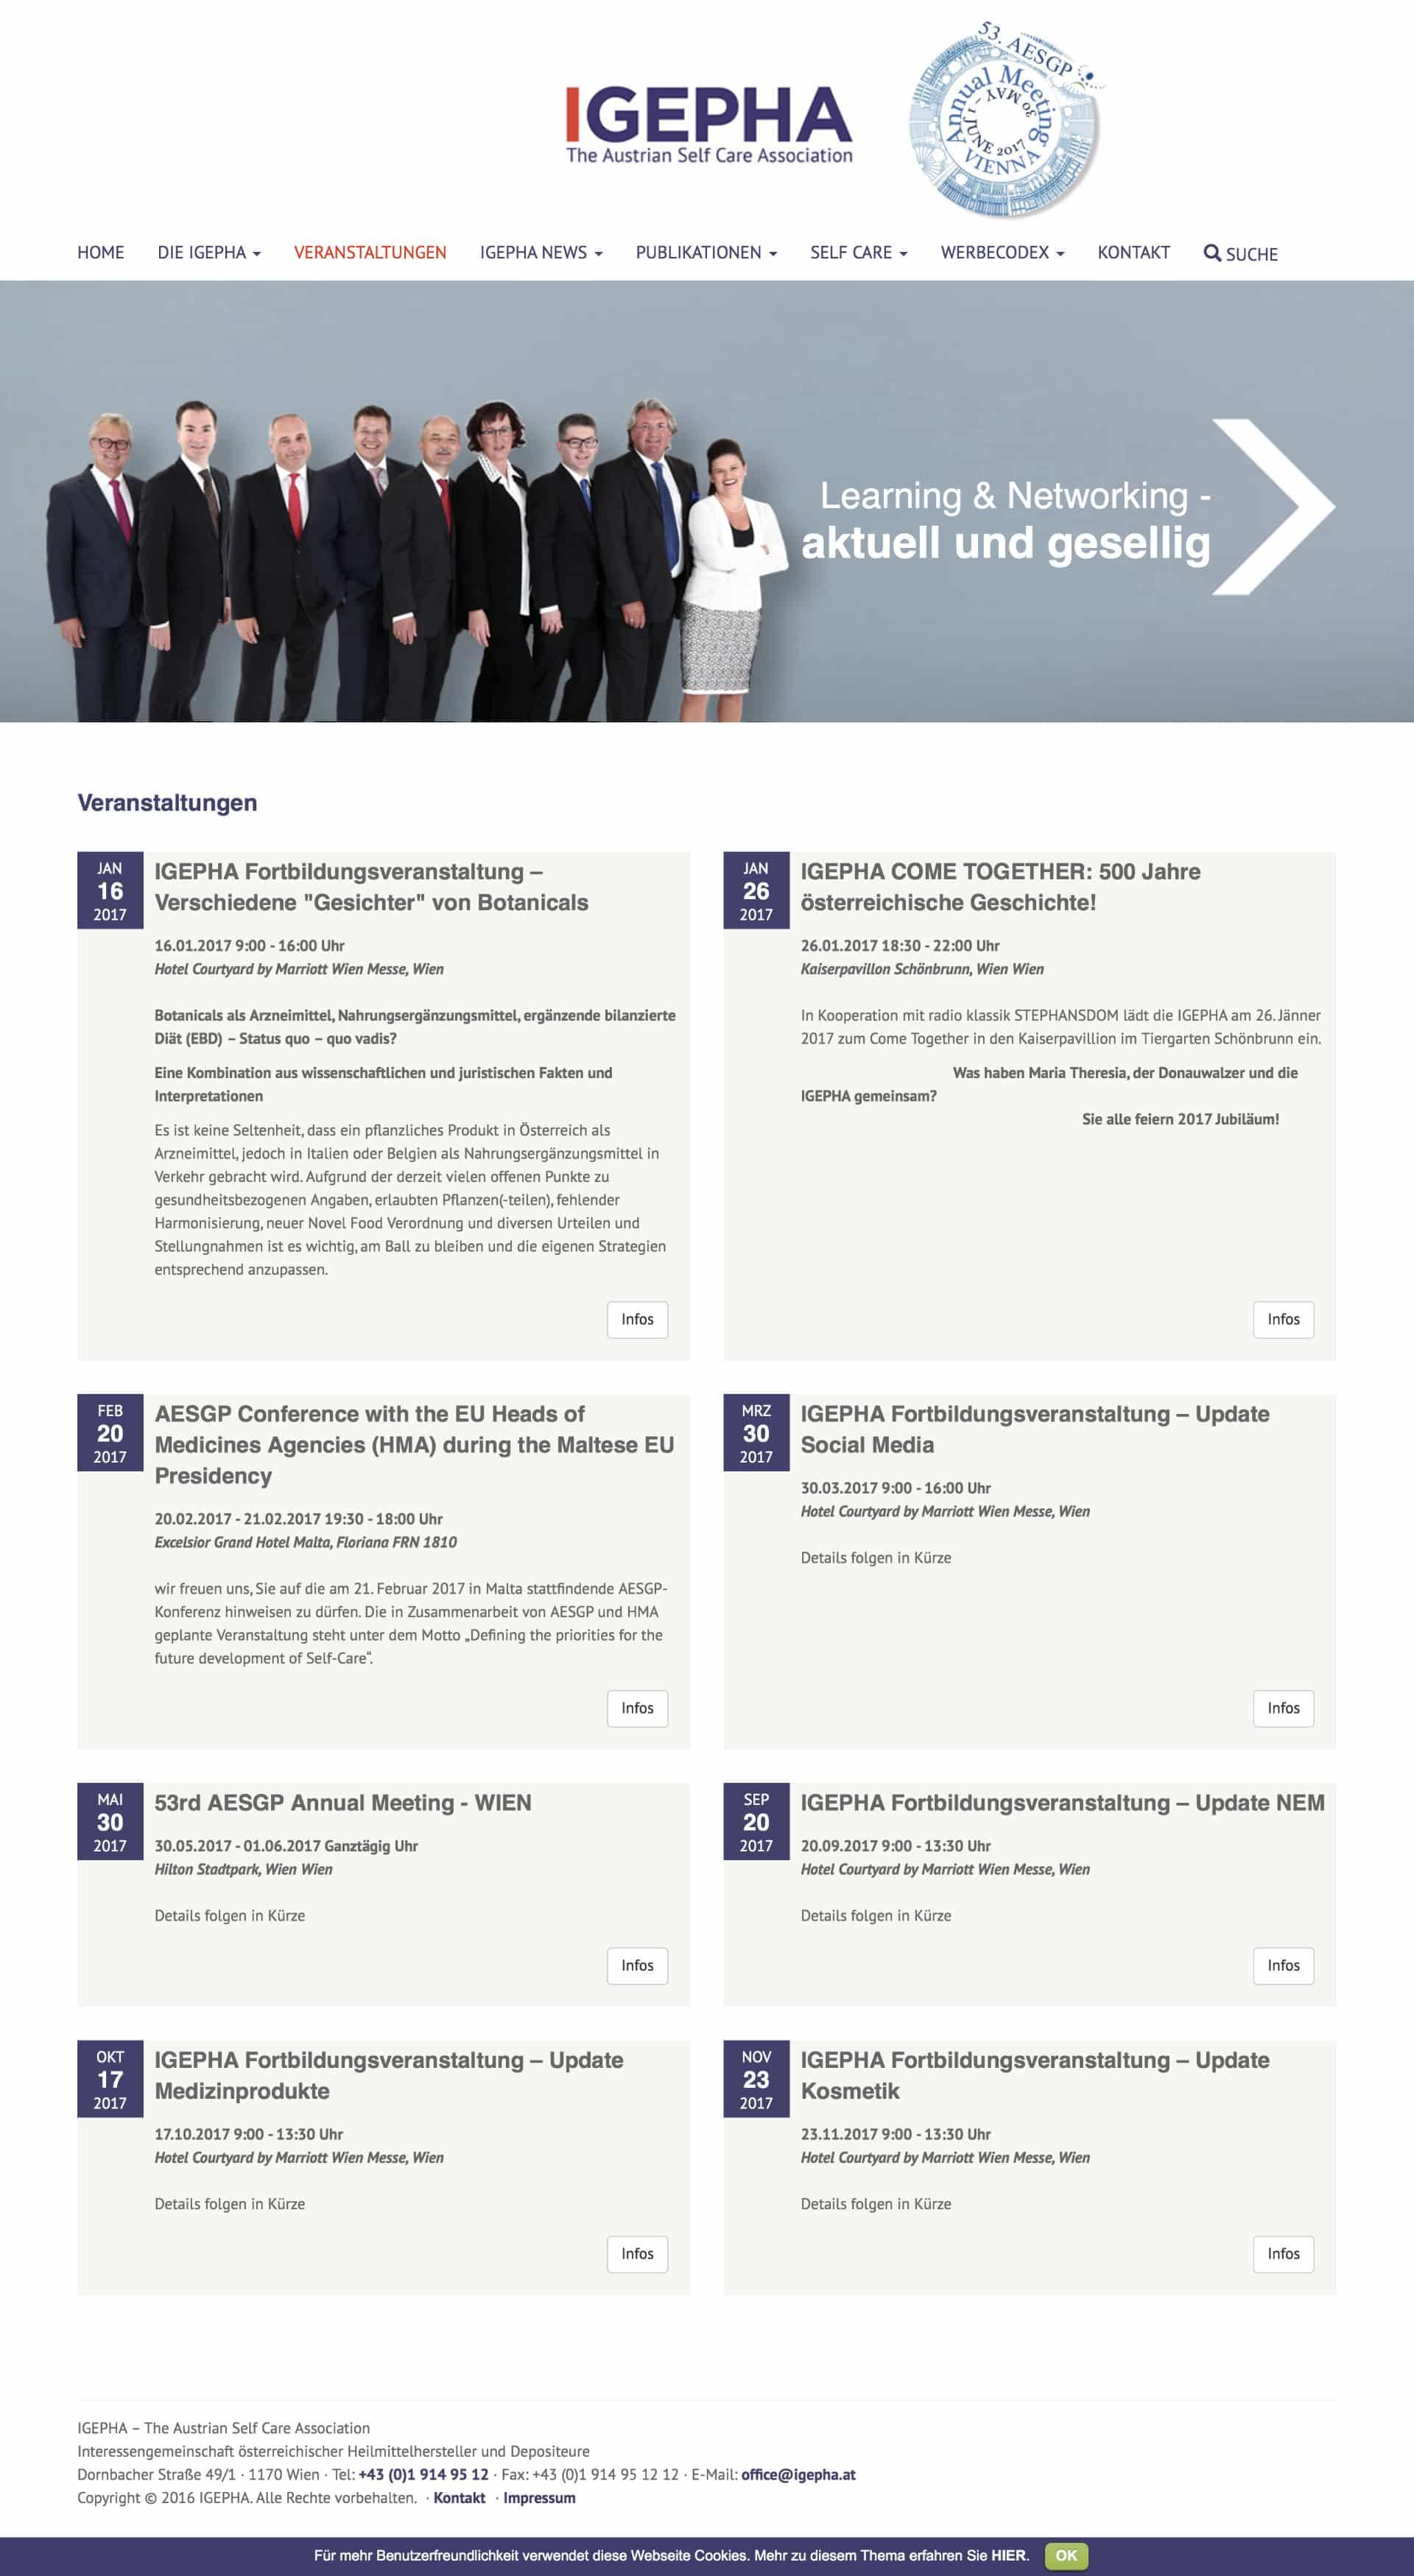 Igepha Website